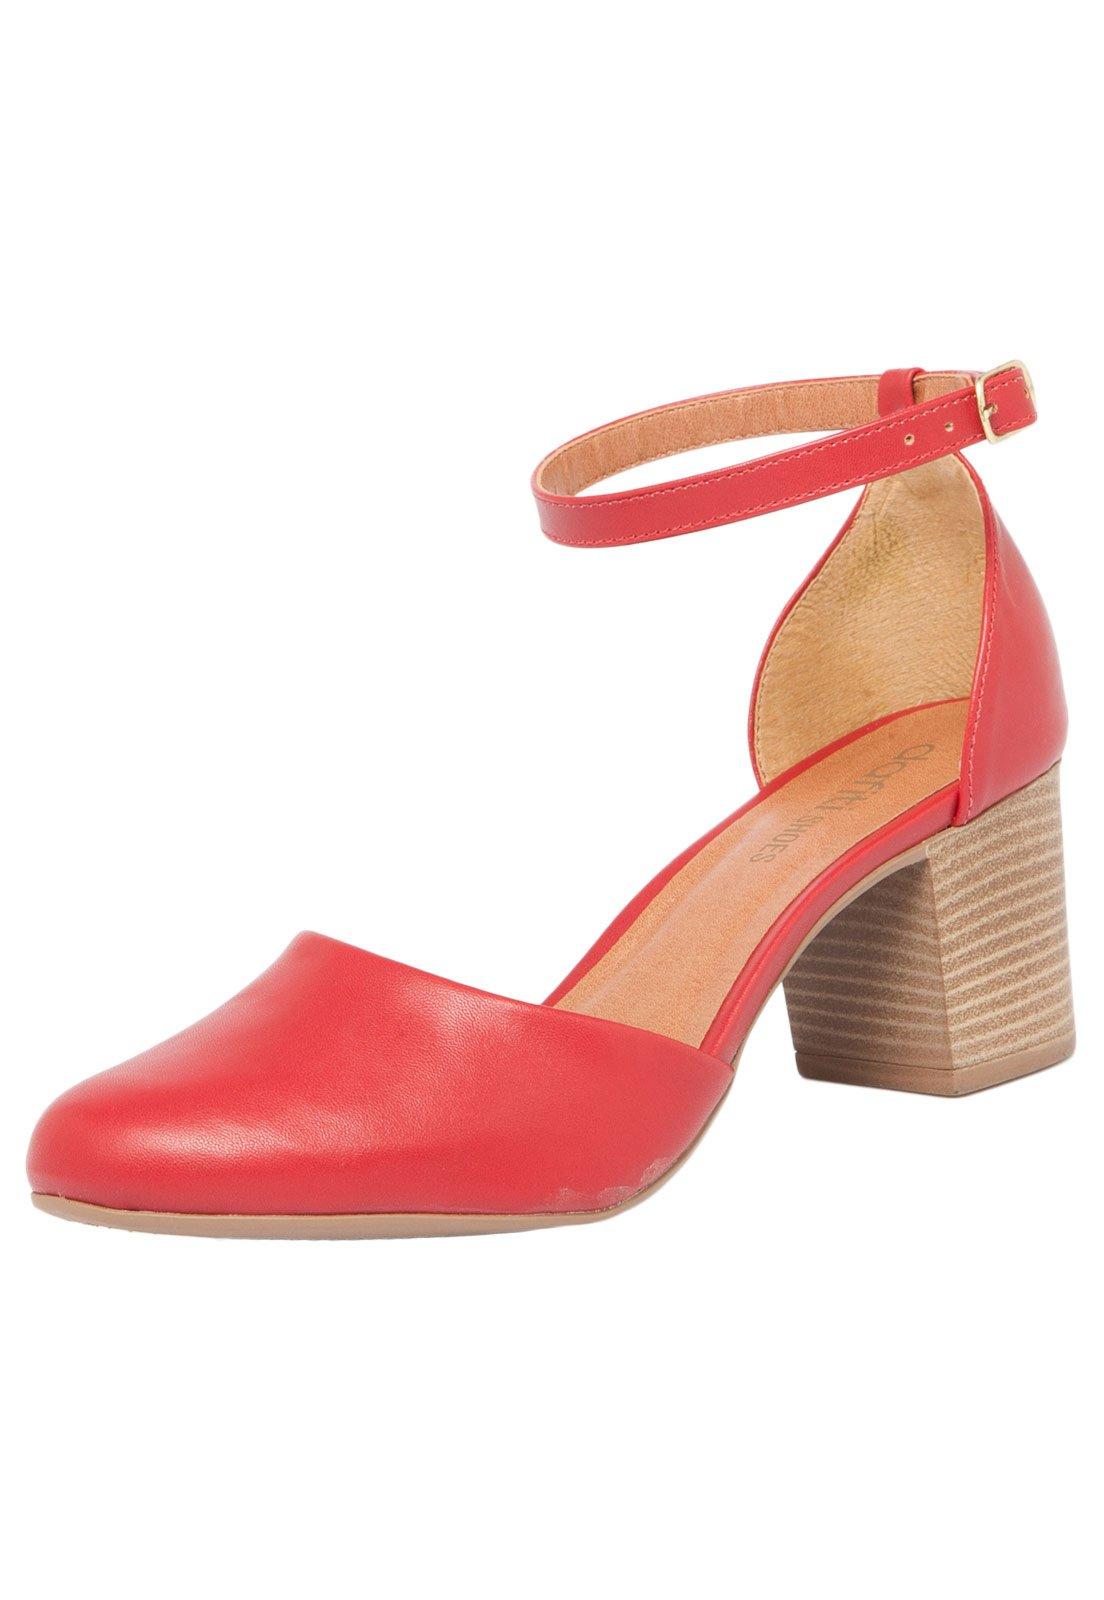 a549b103fb Scarpin DAFITI SHOES Básico Vermelho - Compre Agora